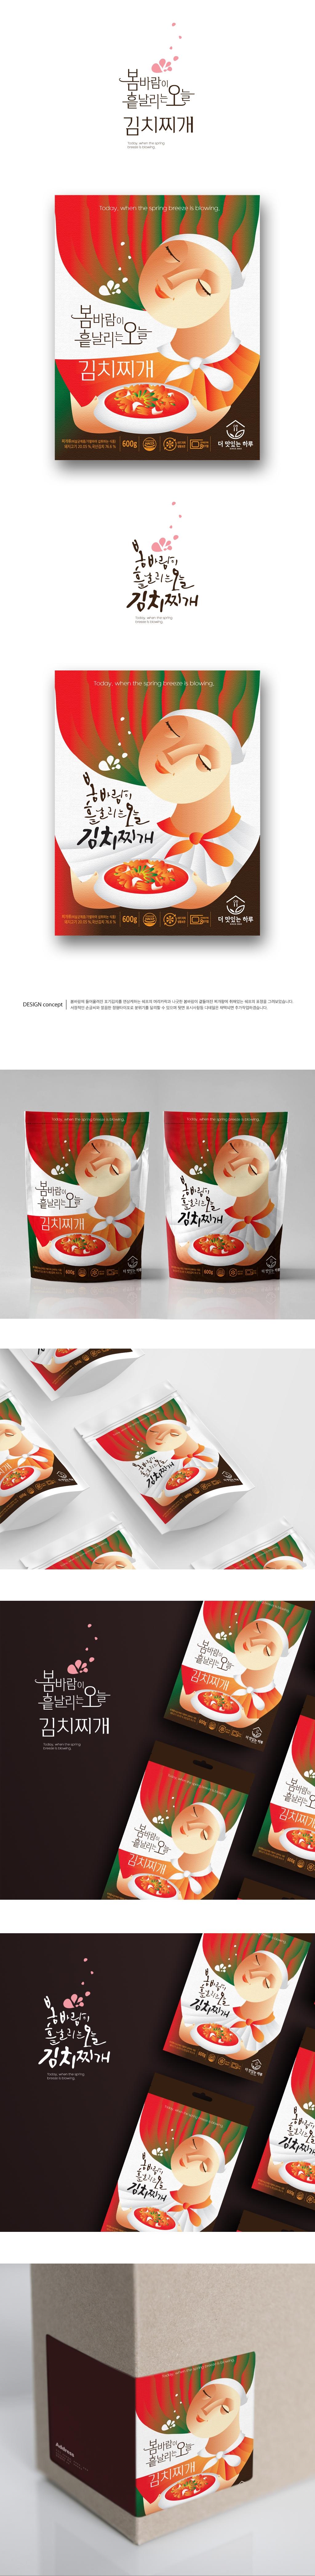 패키지 디자인 | 김치찌개 패키지 디자인 | 라우드소싱 포트폴리오